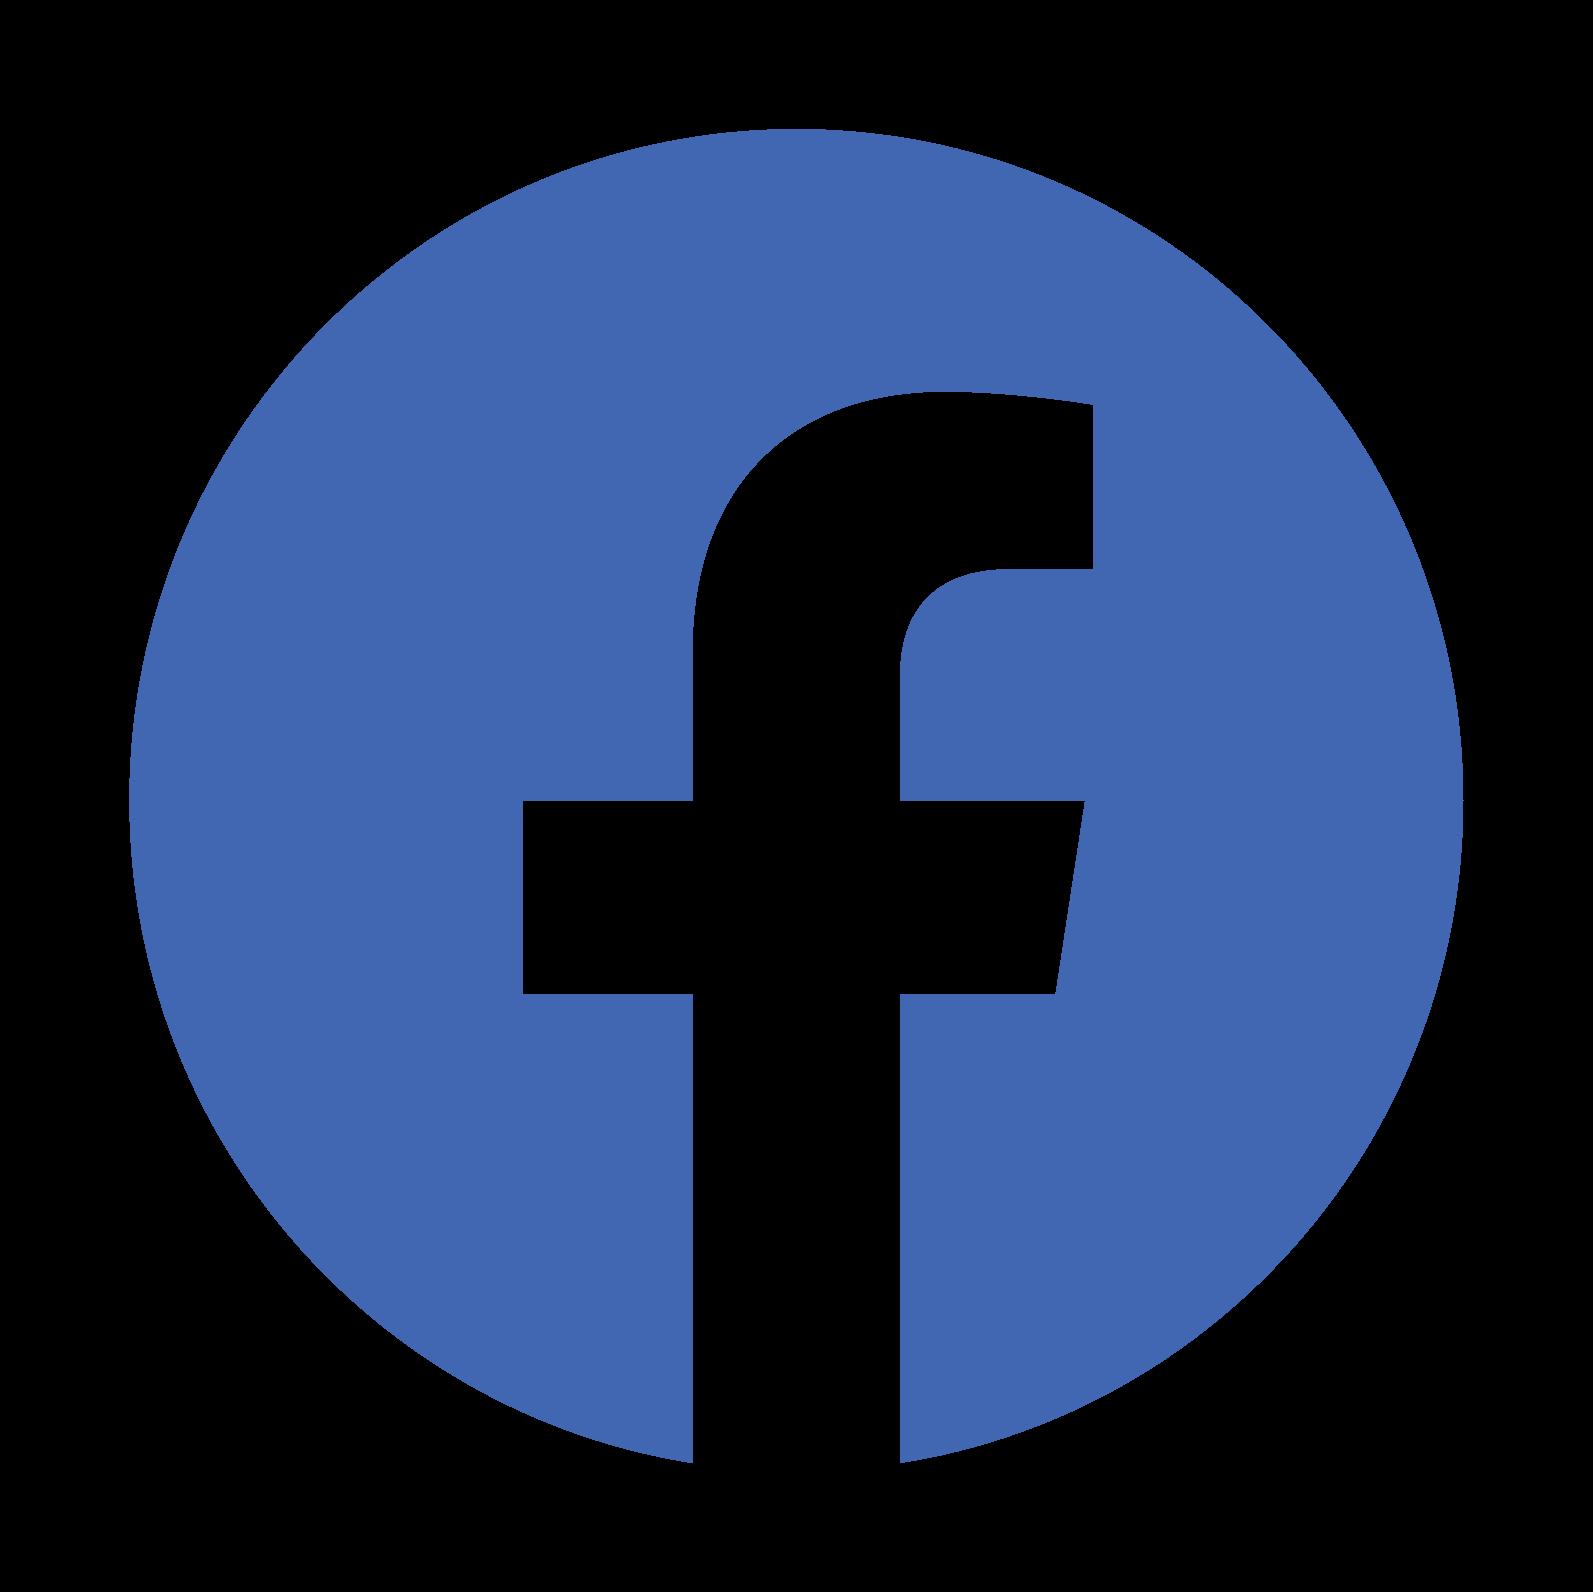 company-logos_facebook